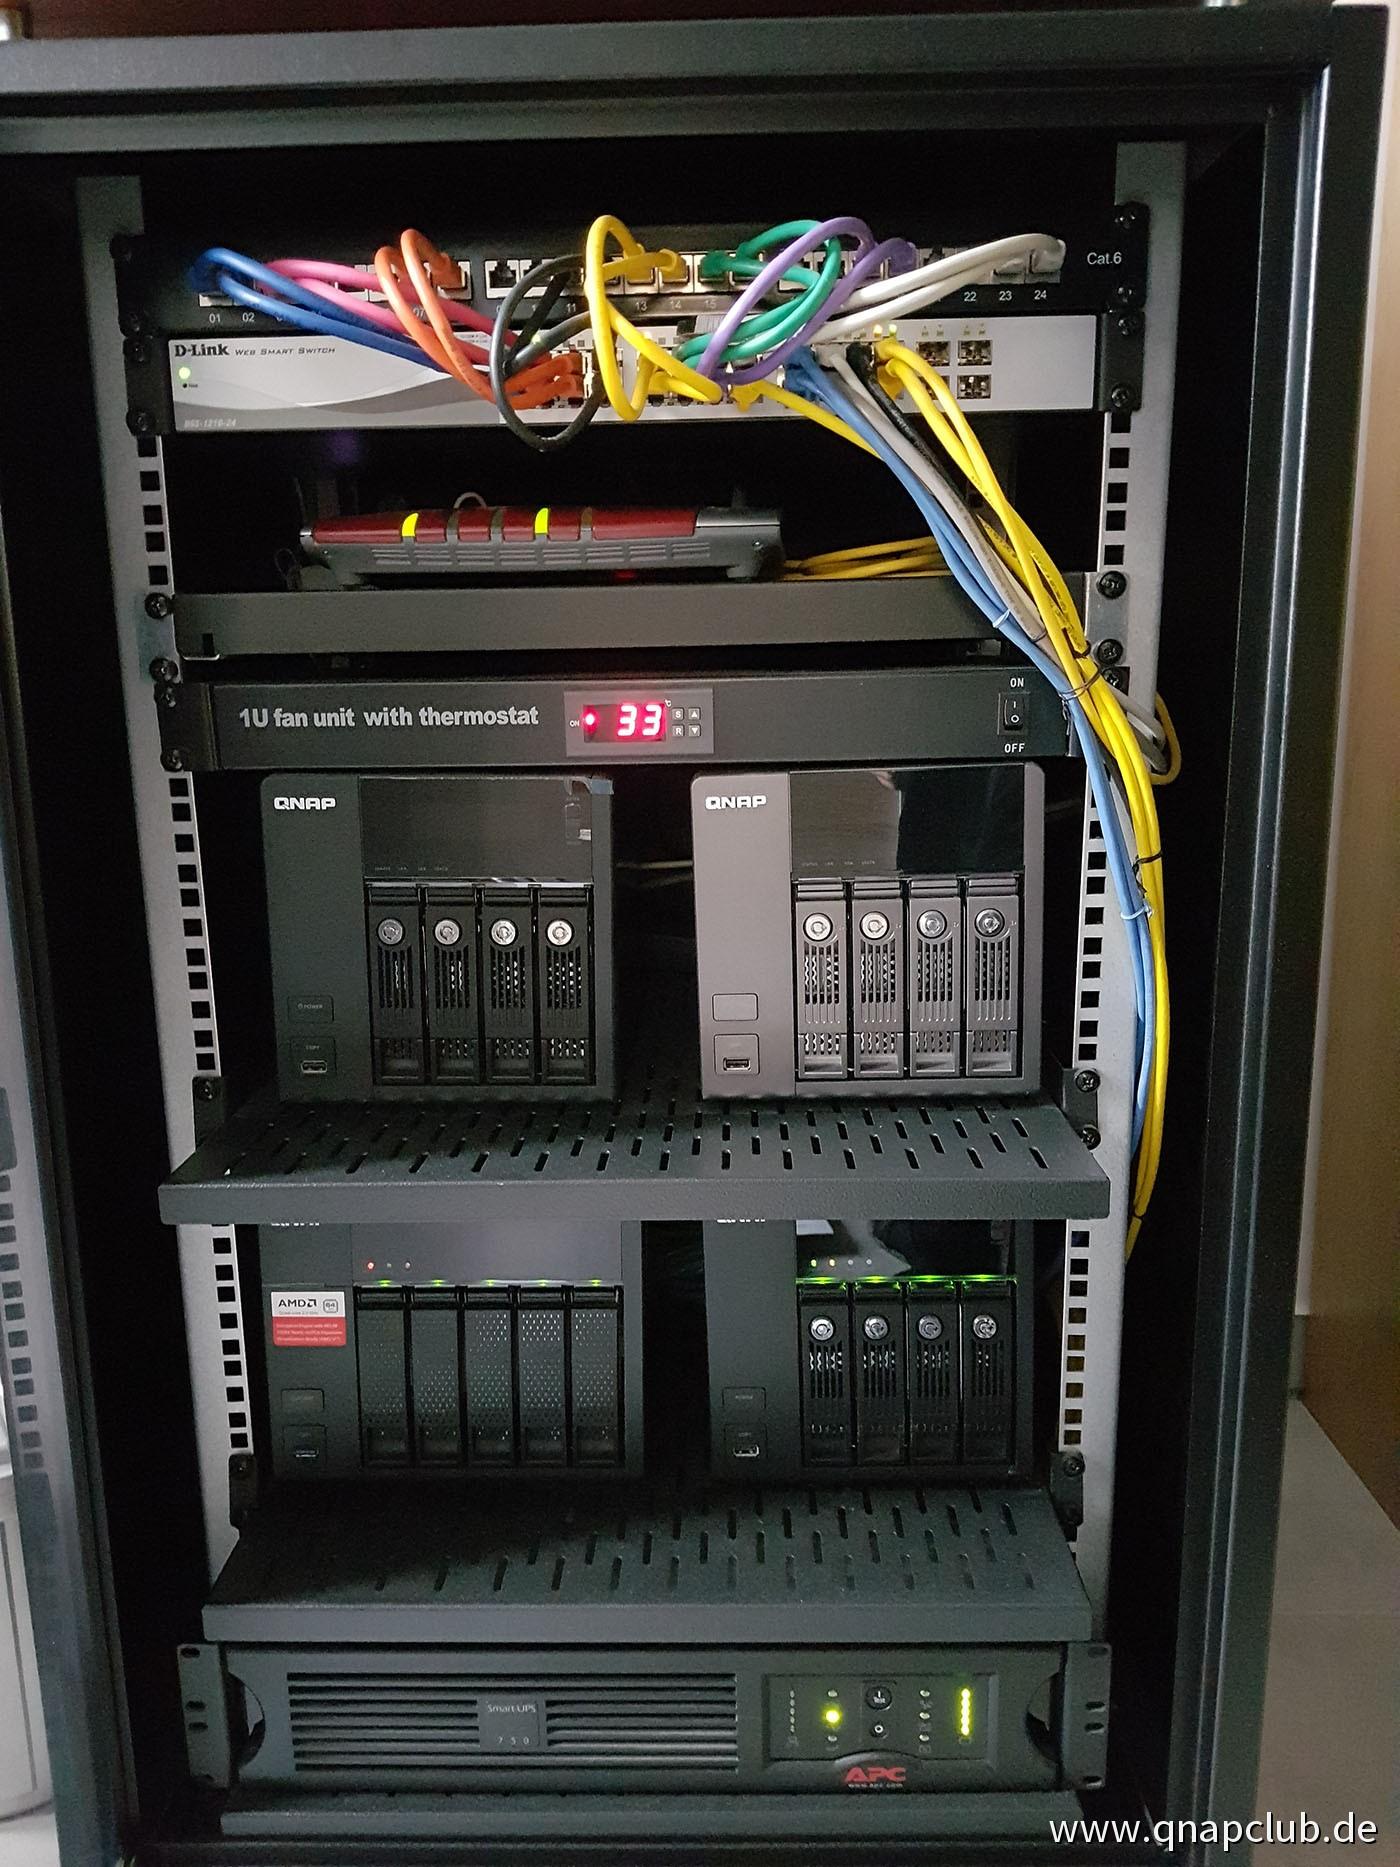 Meine Serverschränke - NAS Hilfe und Support Forum